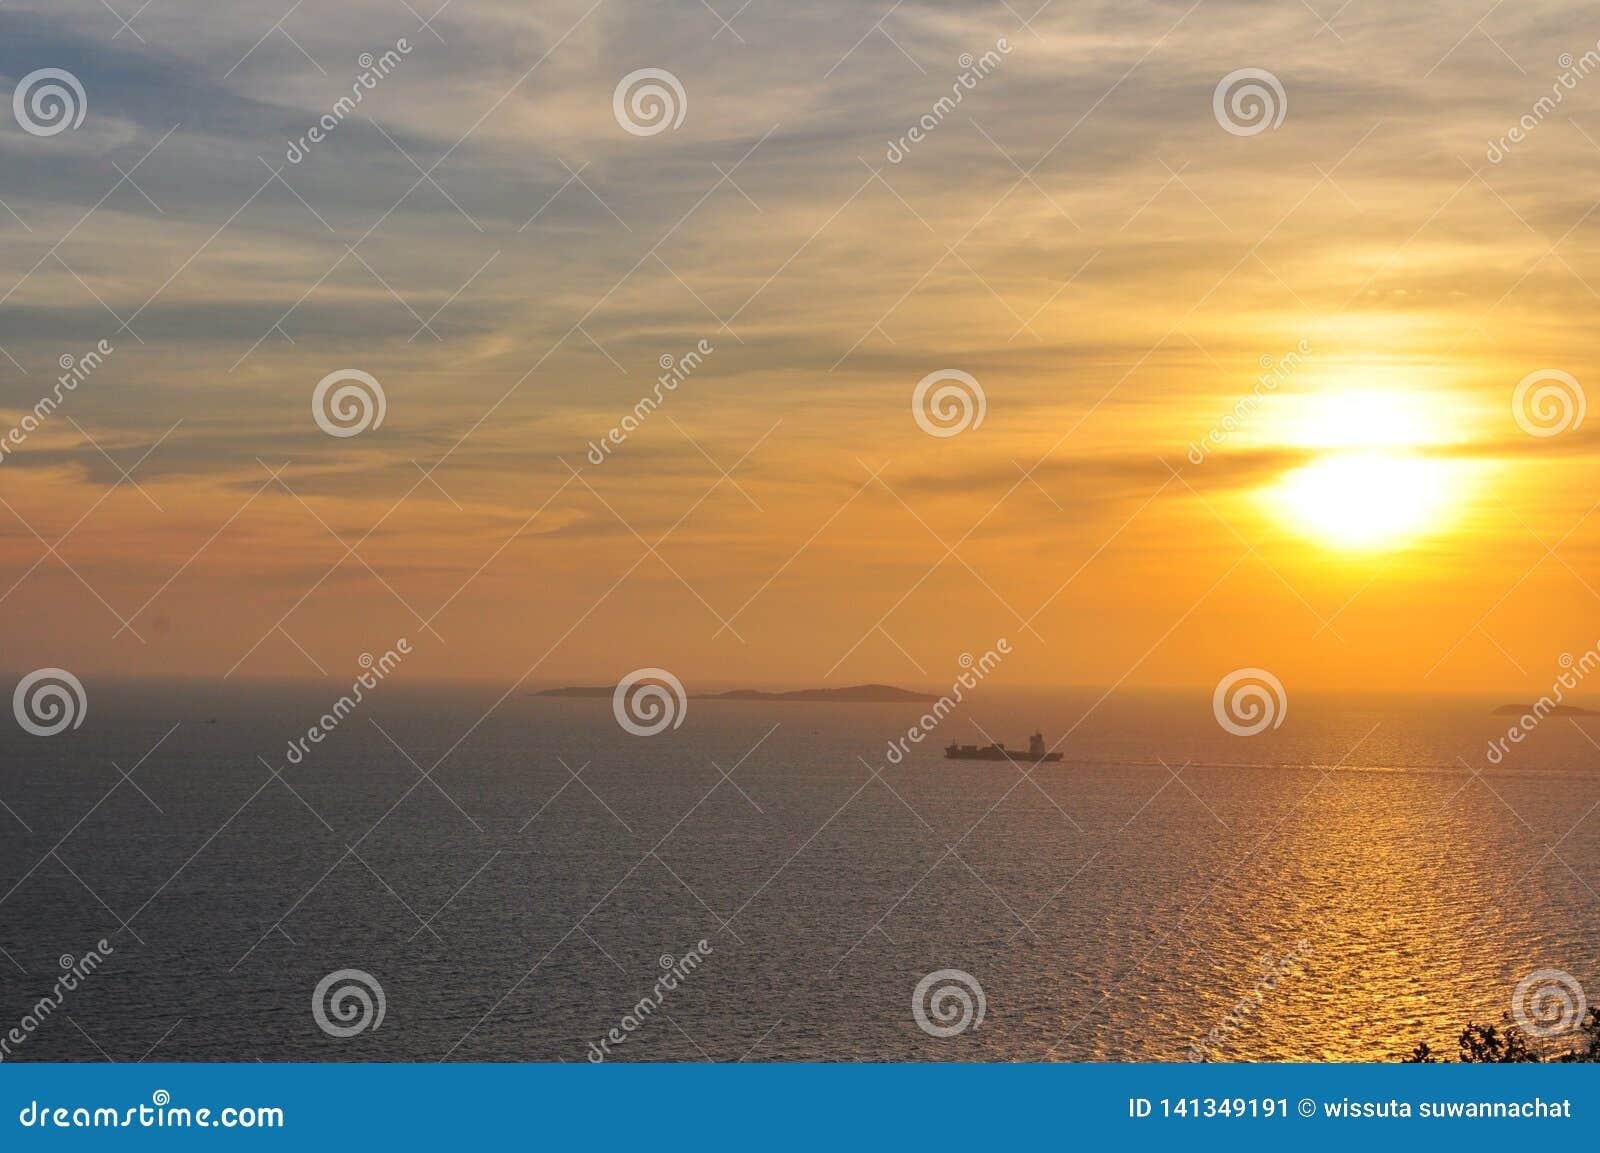 Zonsondergang over het overzees met een boot op de achtergrond